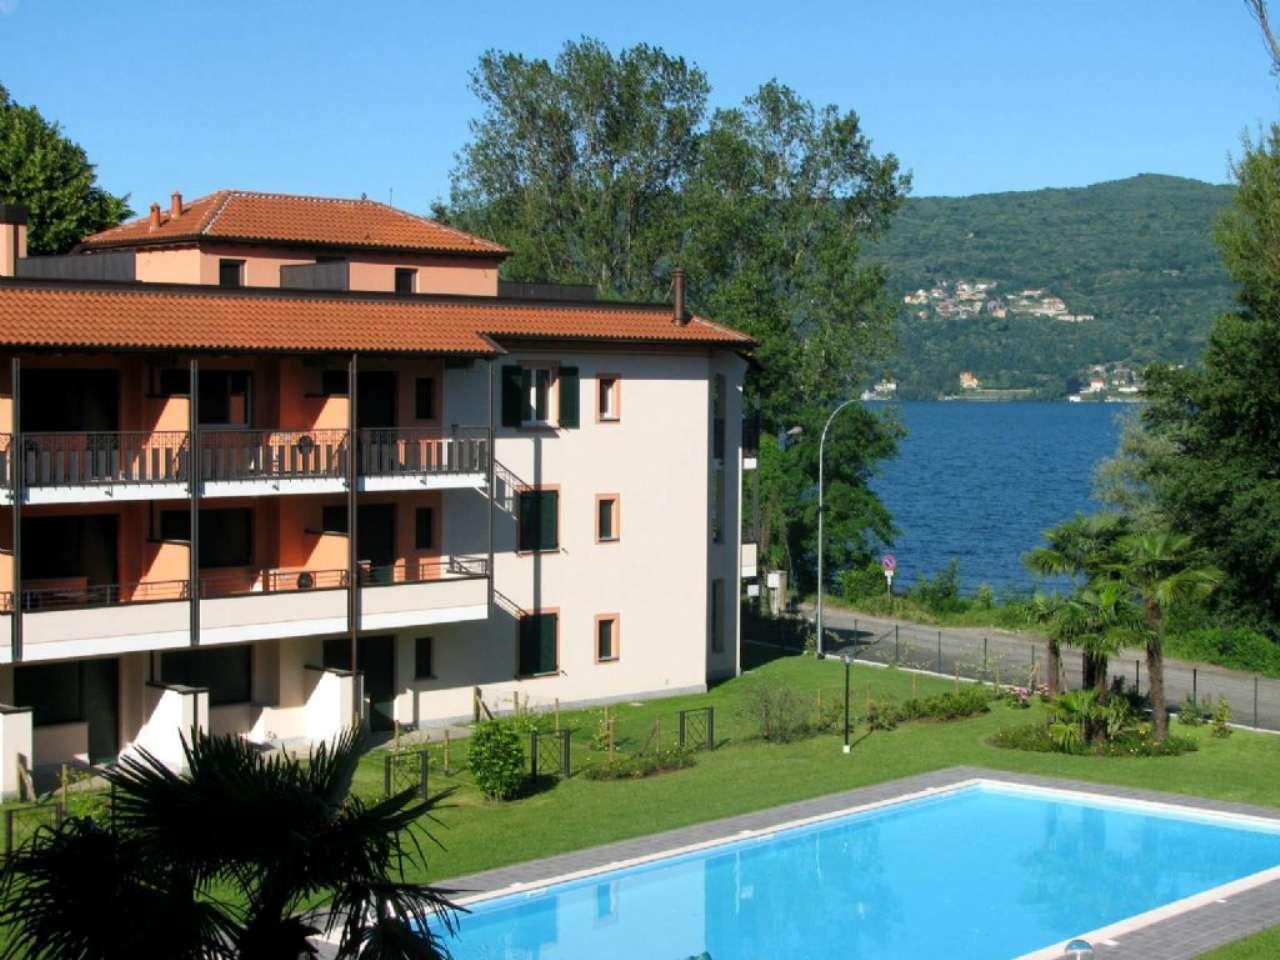 Appartamento in affitto a Leggiuno, 2 locali, prezzo € 520 | Cambio Casa.it